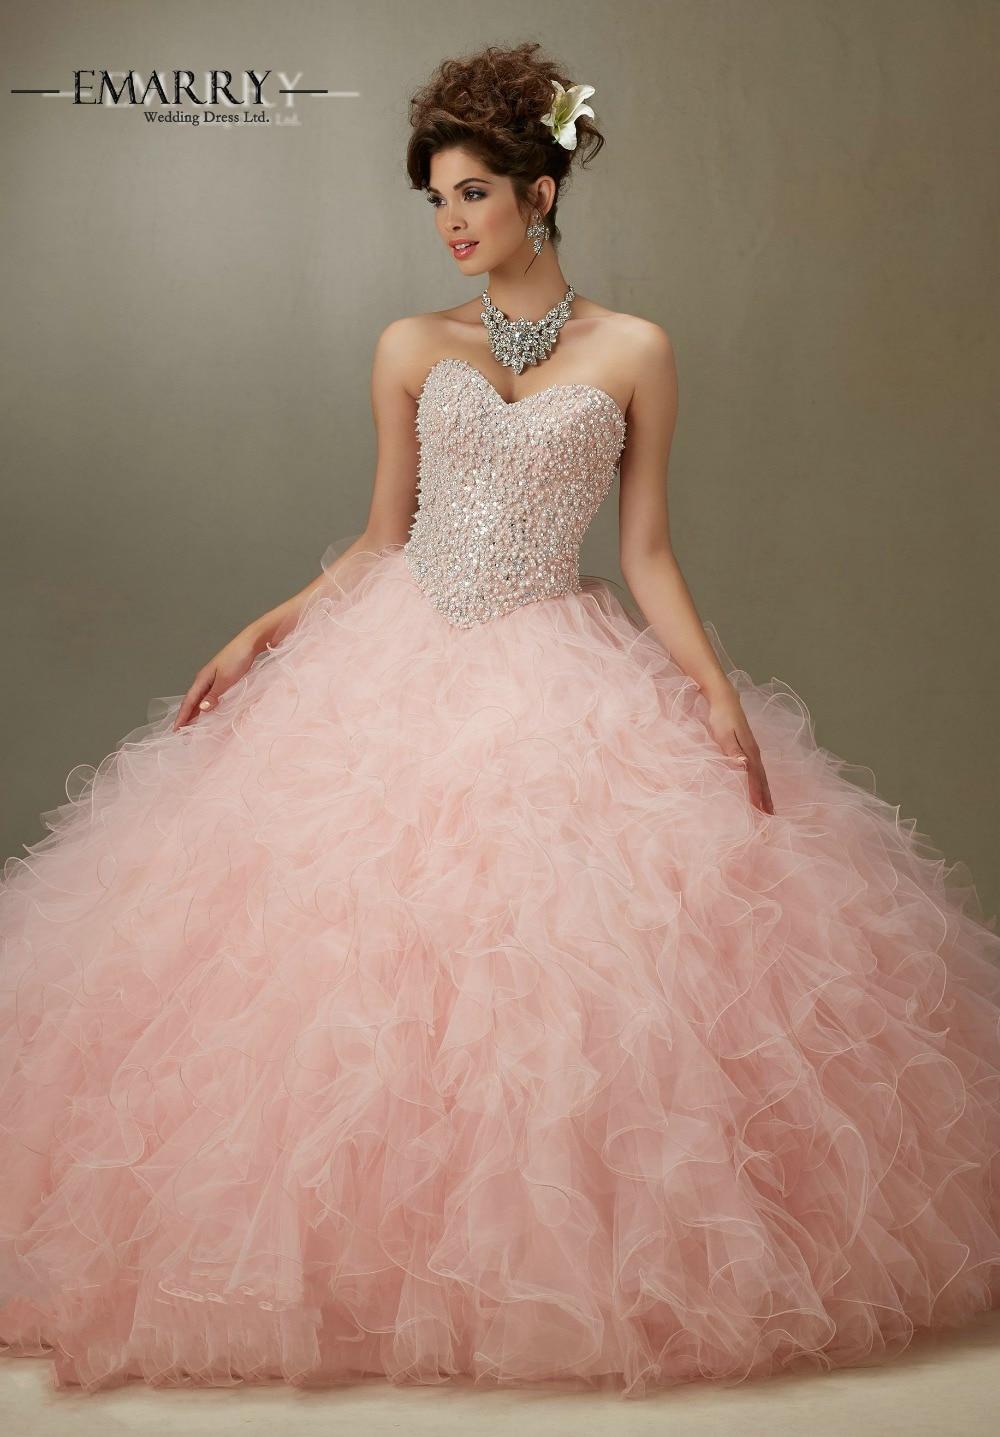 Excepcional Vestidos Violeta Prom Foto - Colección de Vestidos de ...